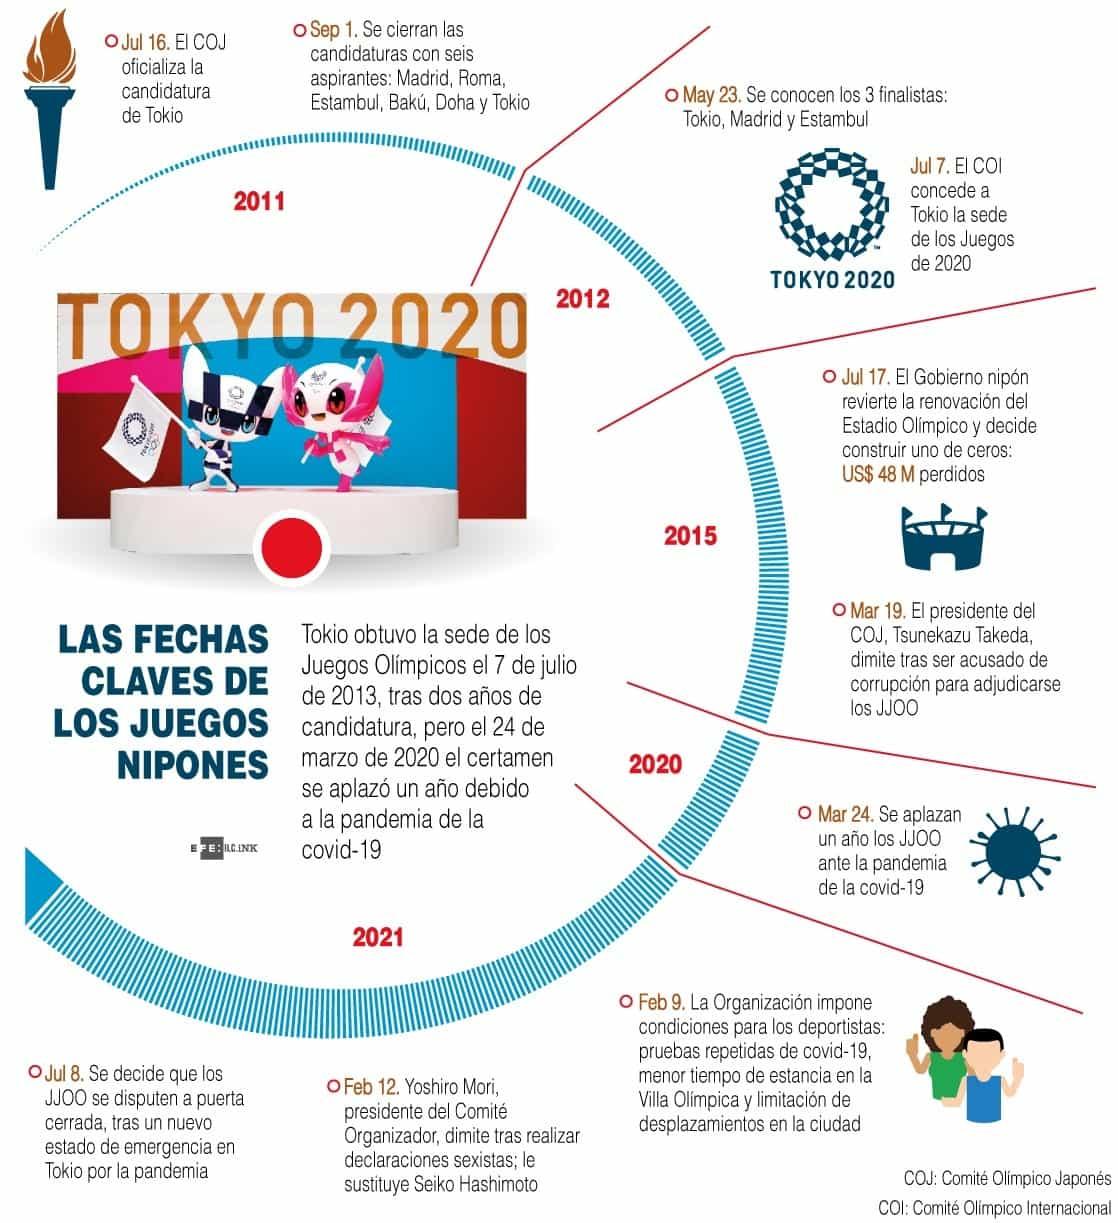 [Infografía] Diez fechas clave en la organización de los Juegos de Tokio 1